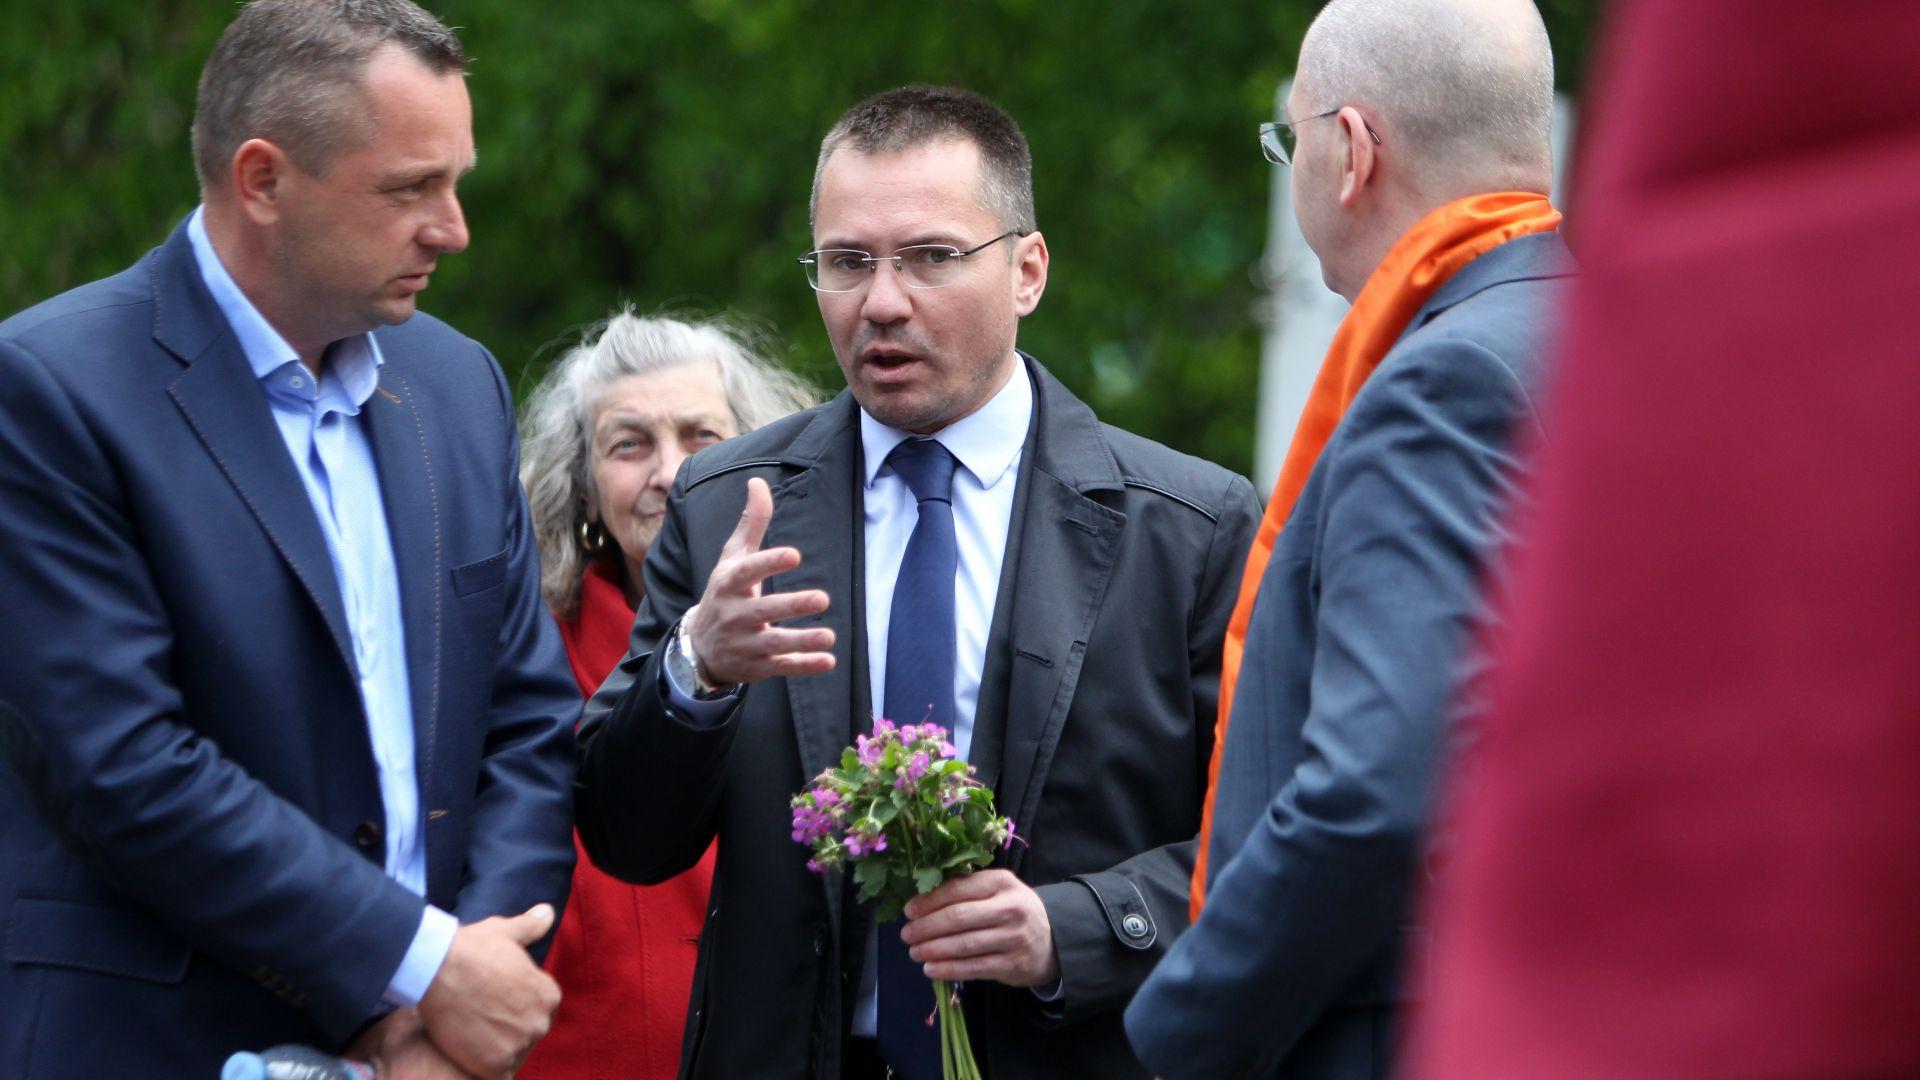 ВМРО откри предизборната си кампания с хоро, бори се да е трета сила в ЕП